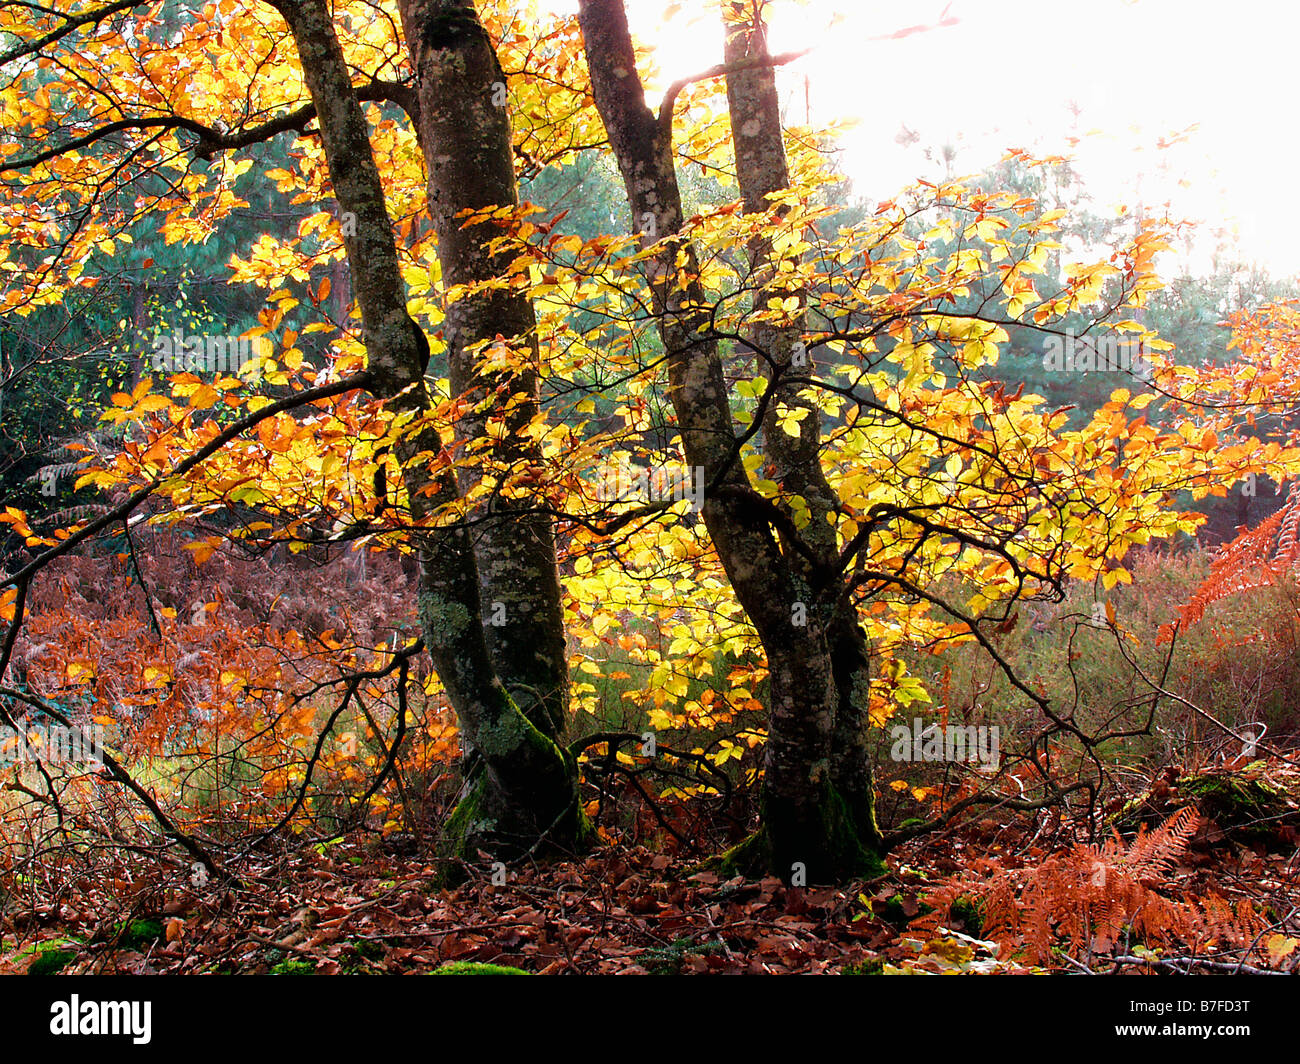 La futaie Colbert en forêt de Tronçais en automne Allier 03 Autumn Auvergne Bad season Bad seasons Botanical - Stock Image